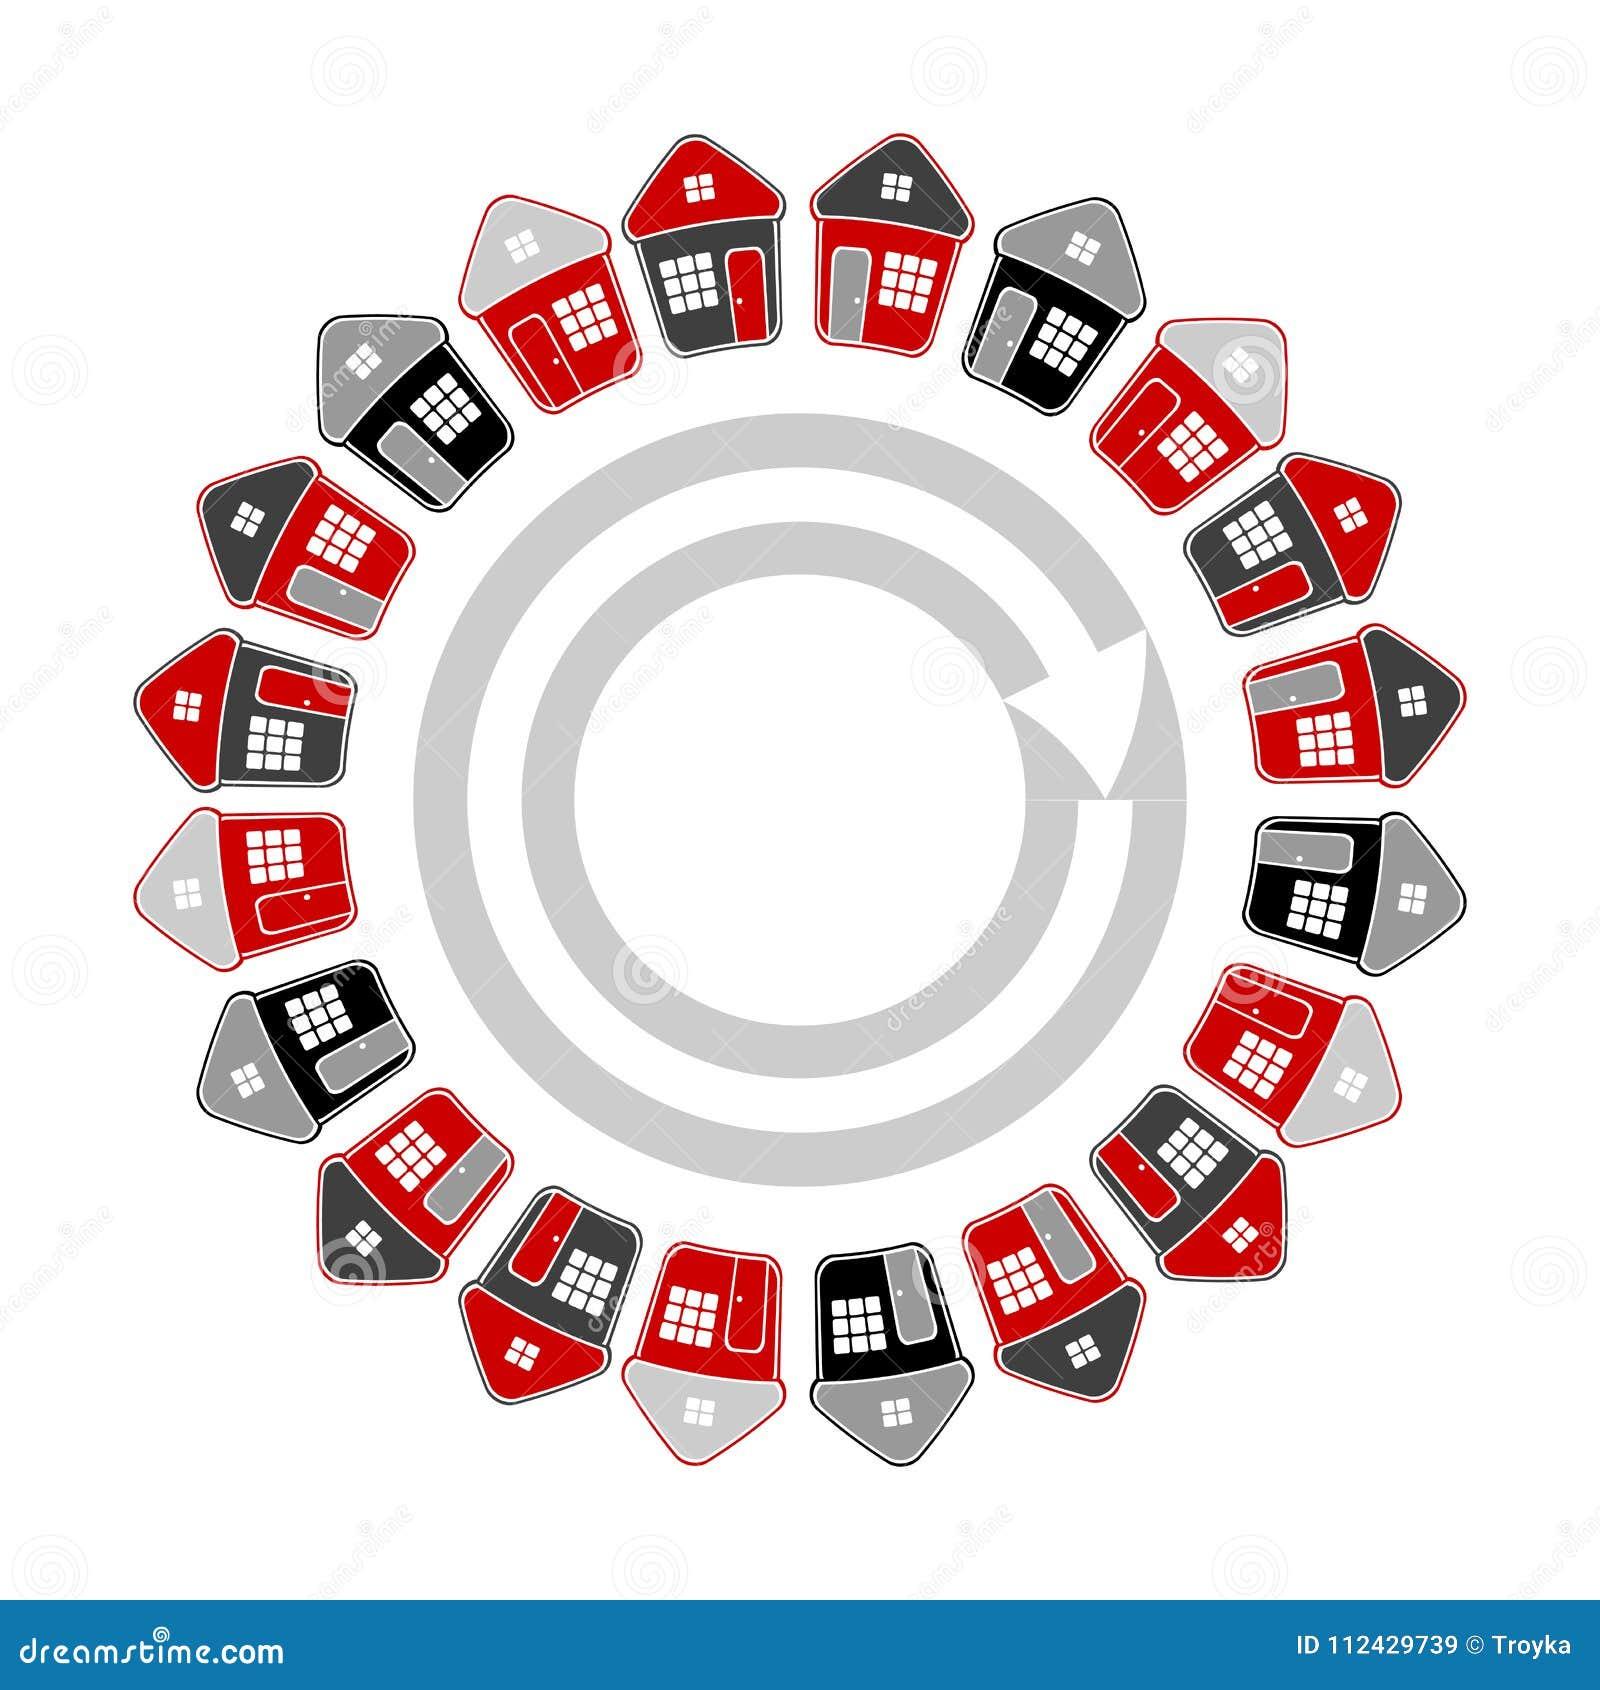 Domy w okręgu kształcie koncepcja real nieruchomości